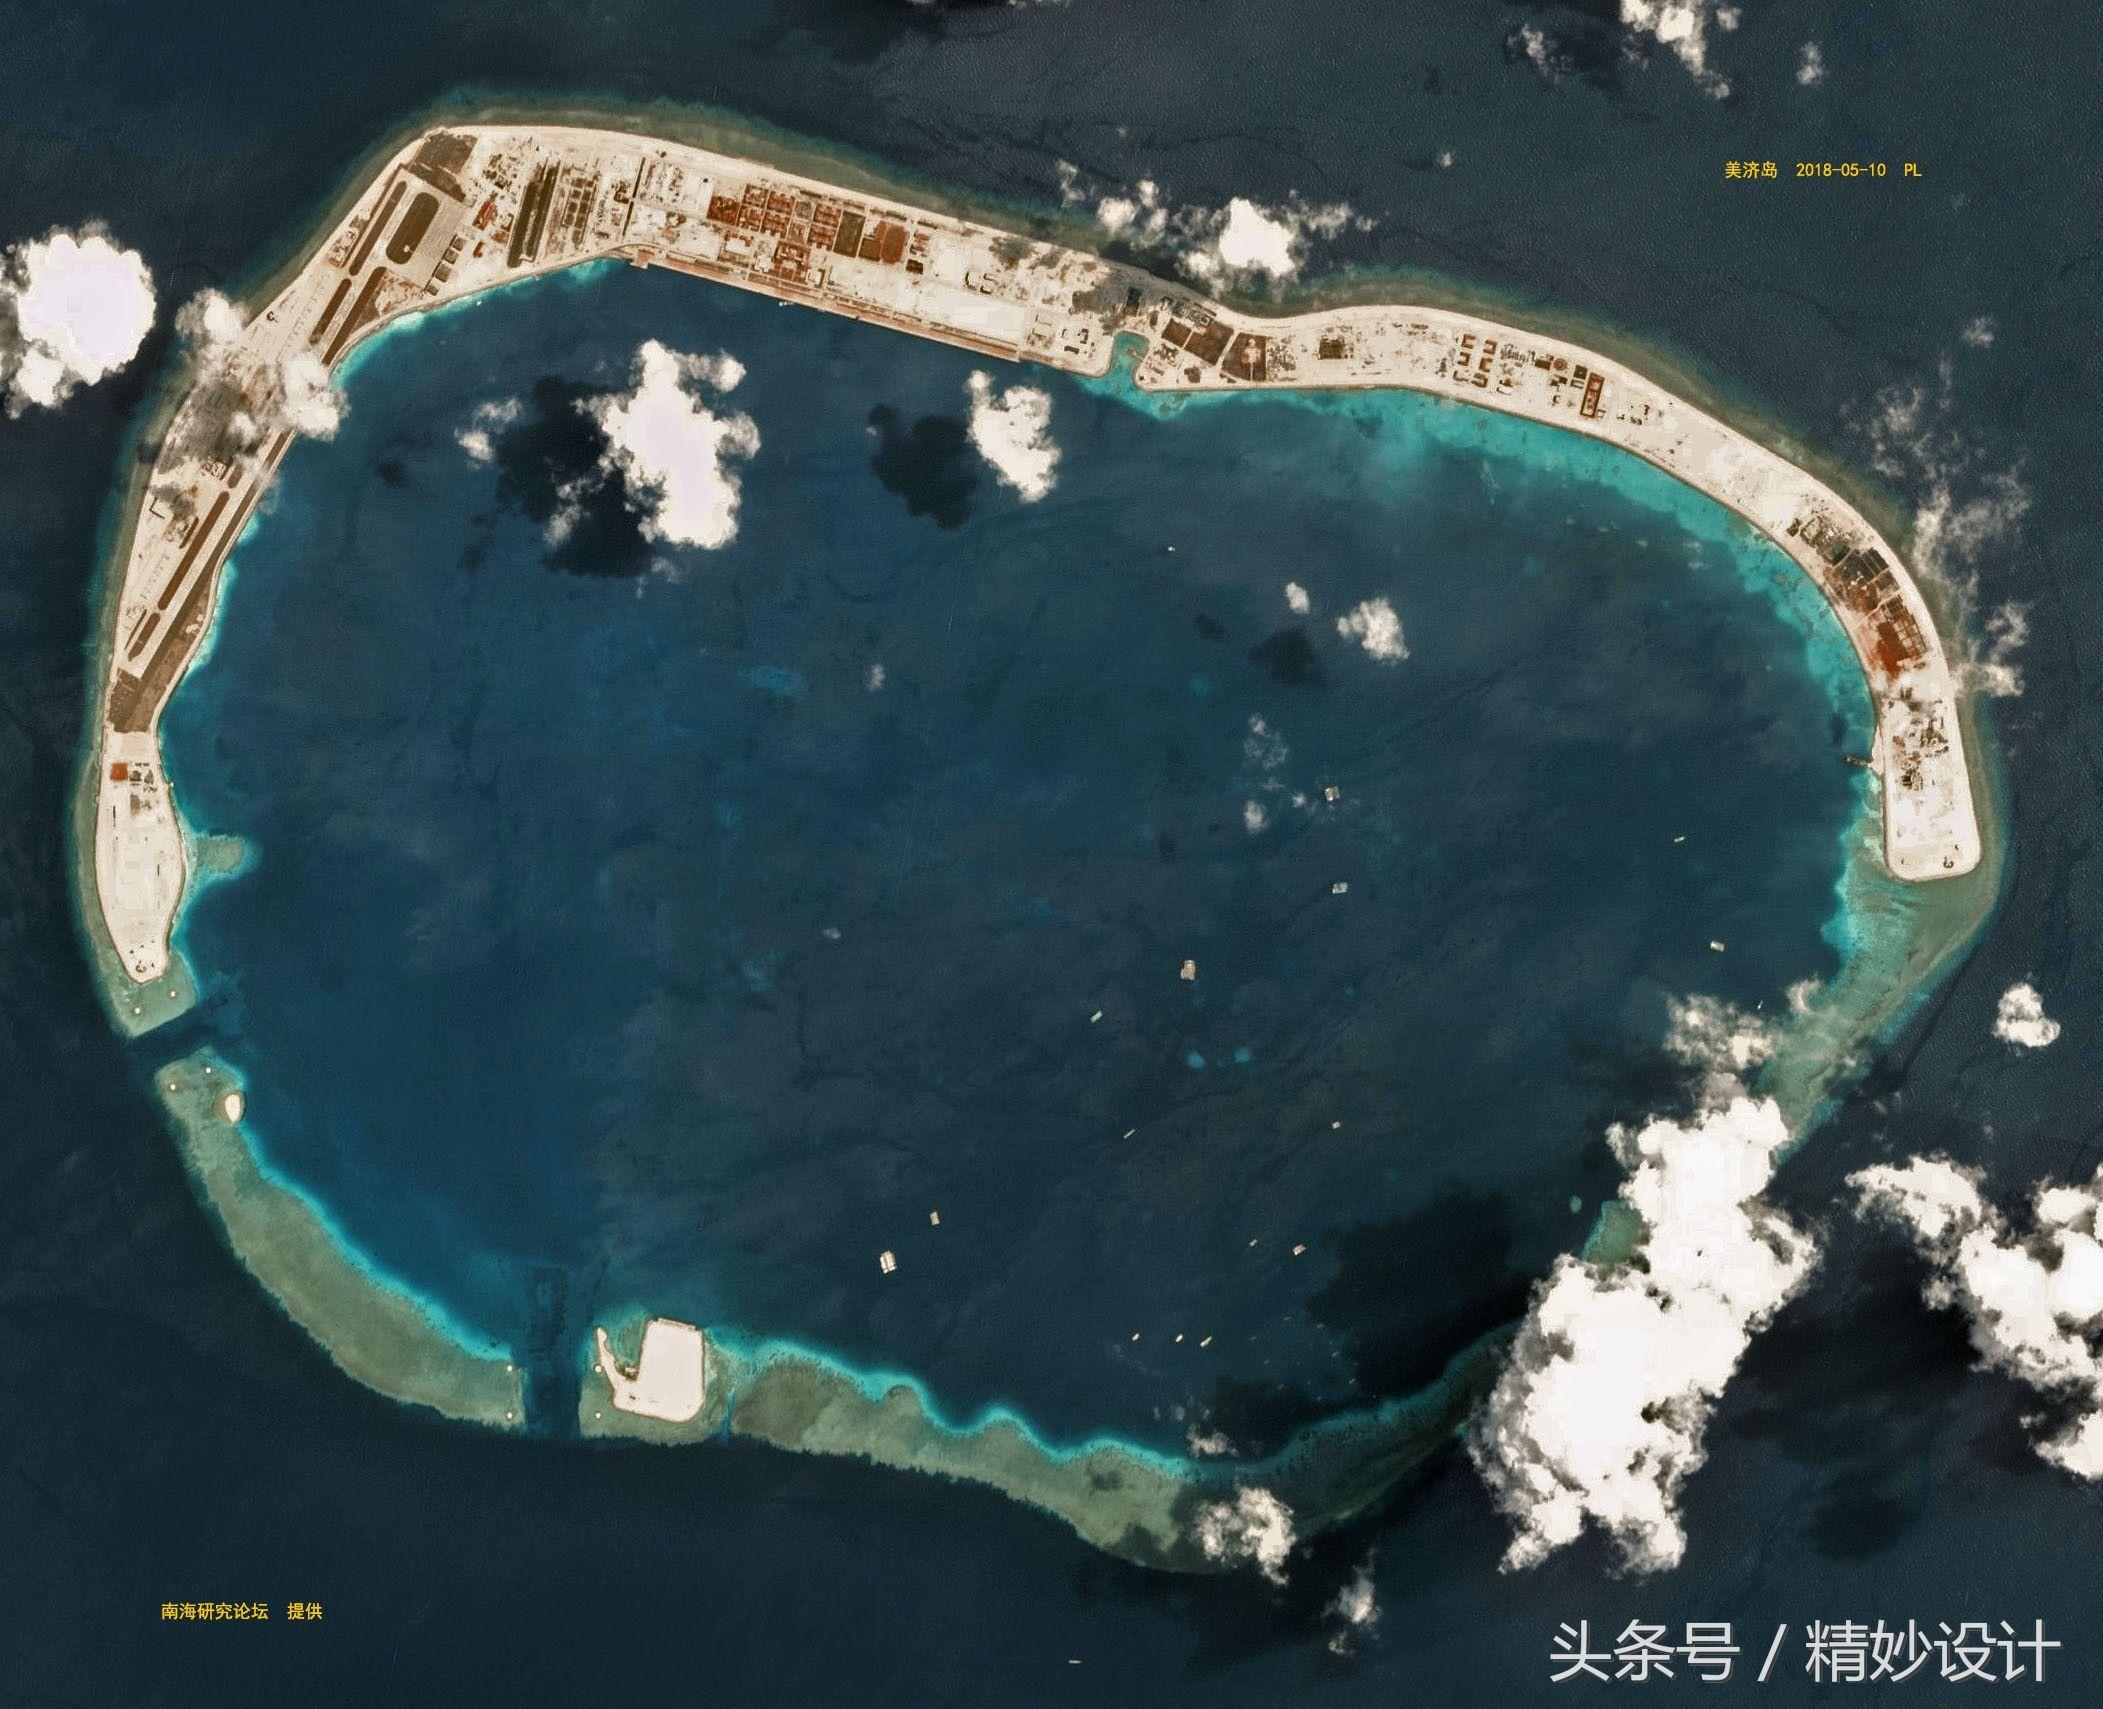 南沙多个岛屿卫星照曝光,七连屿将是南海开发下个重心